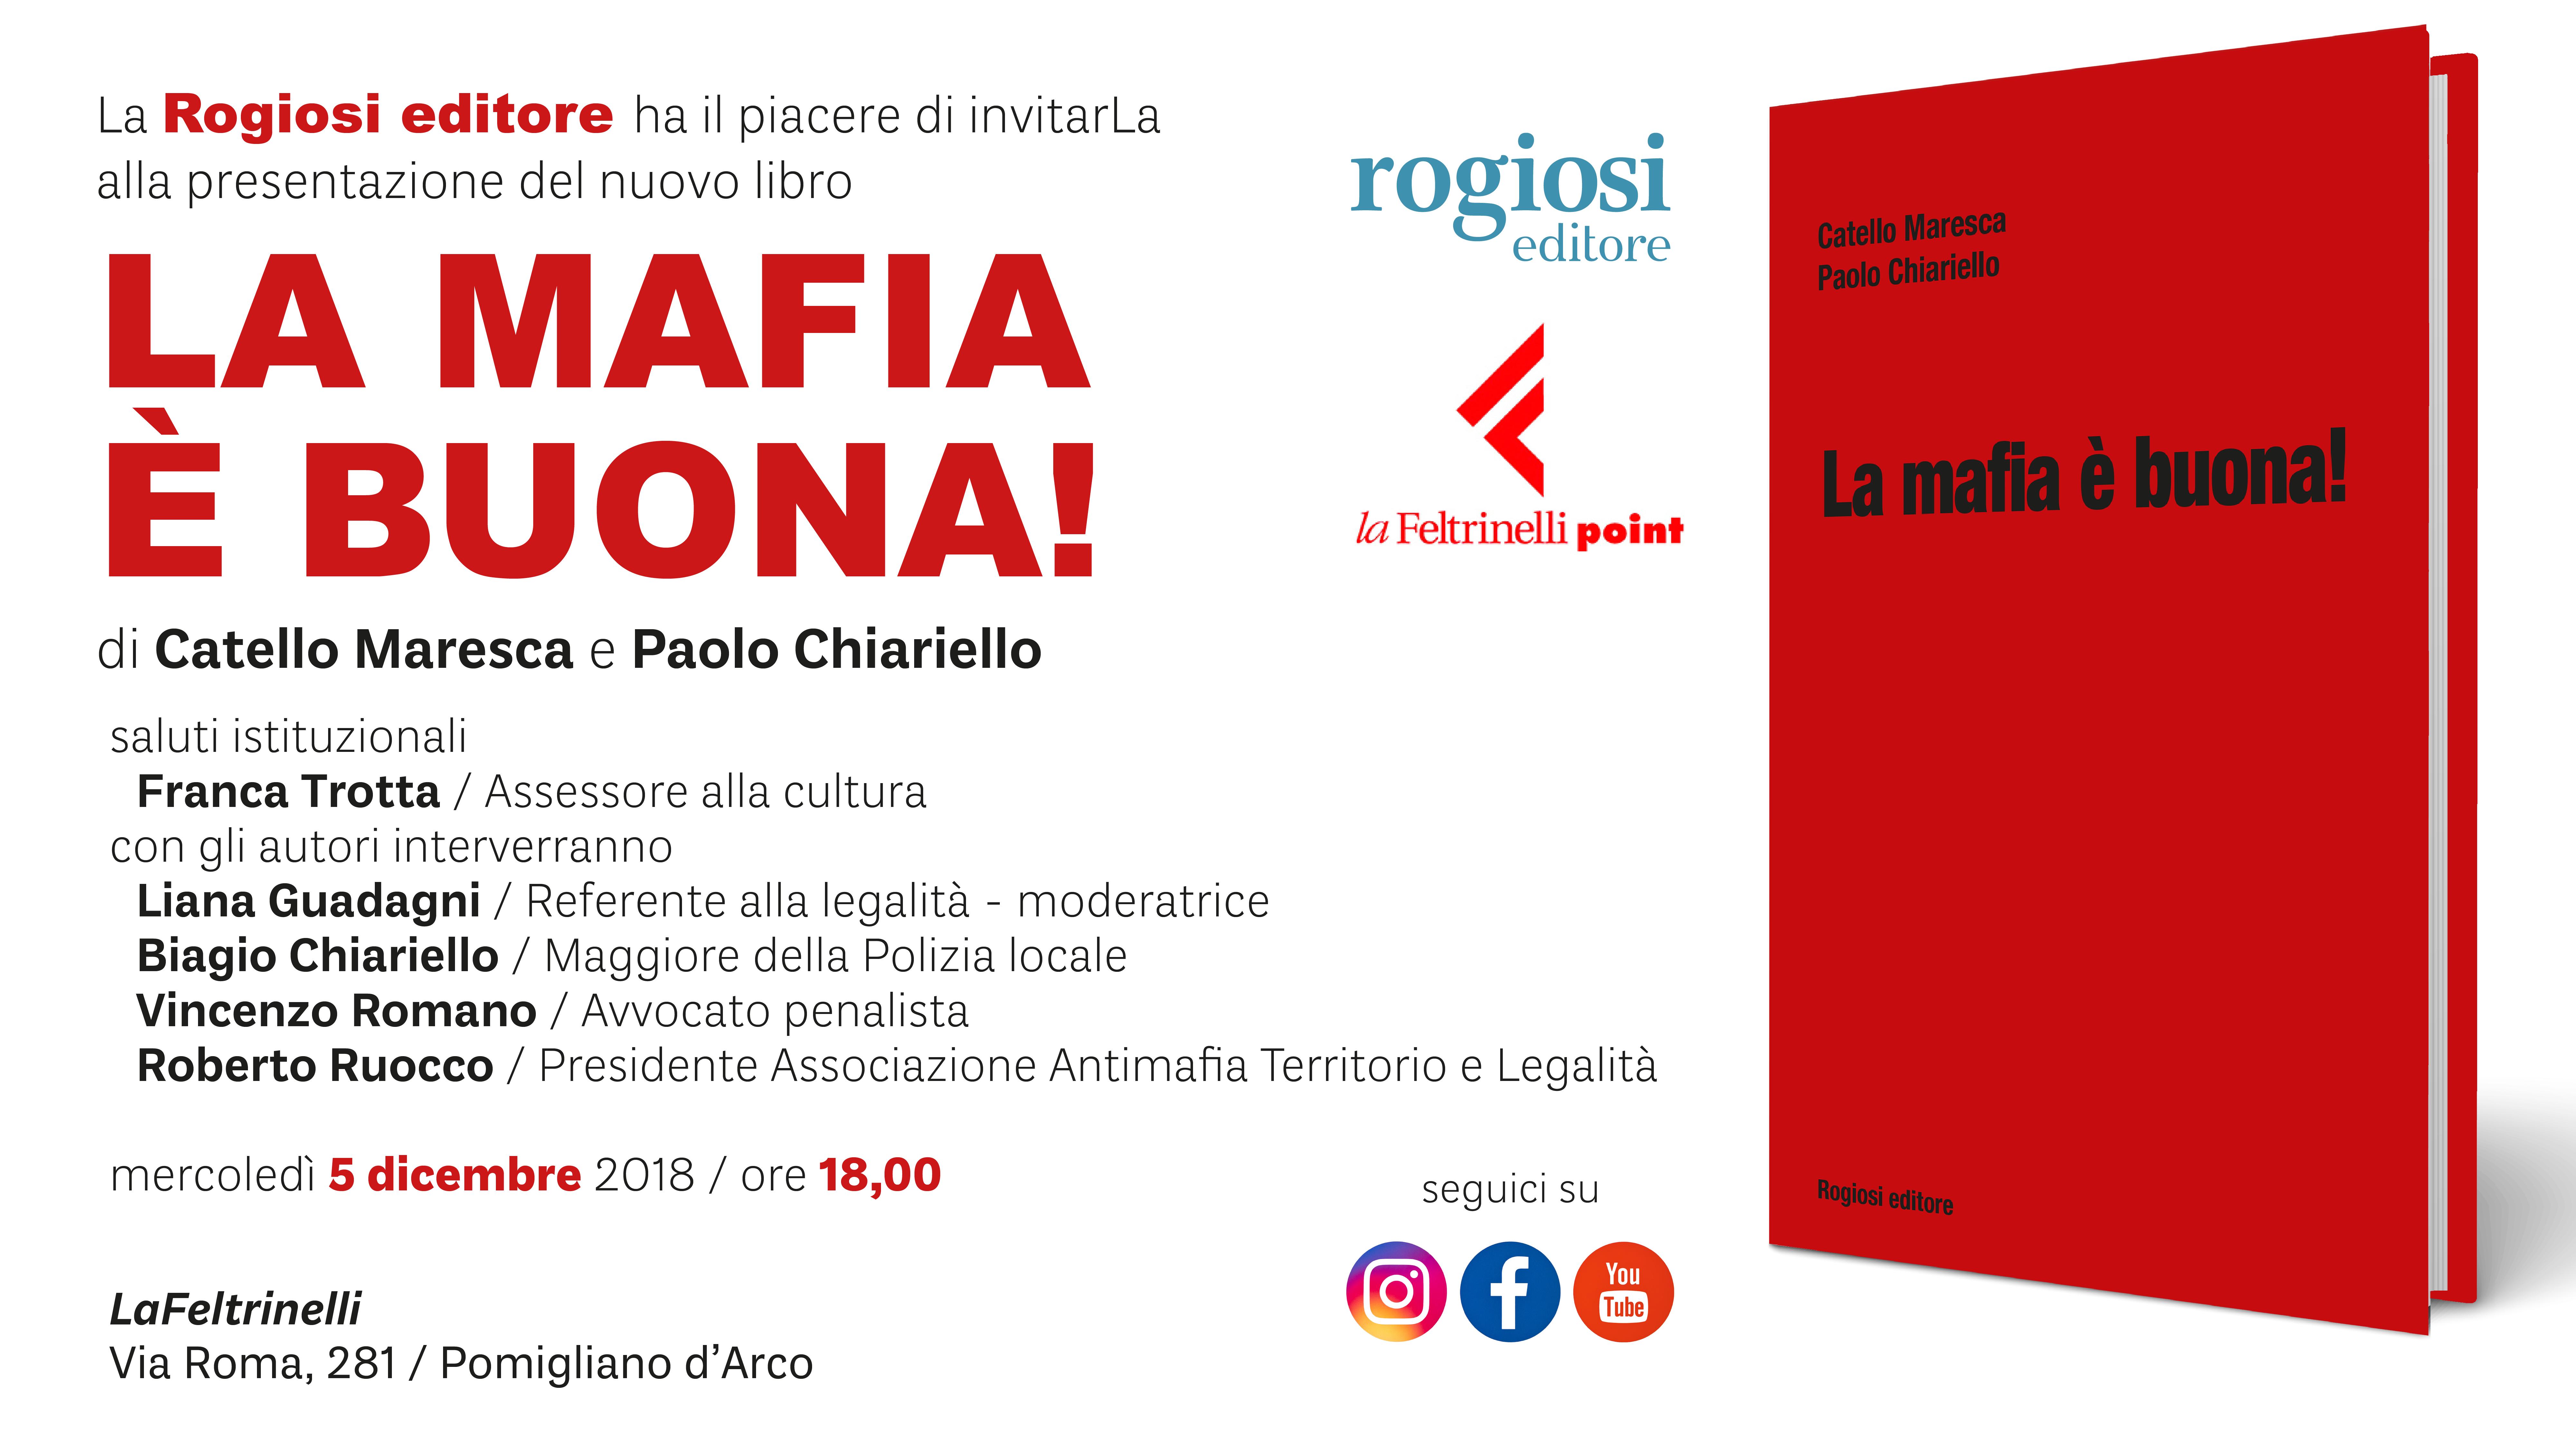 Via Romani Pomigliano D Arco presentazione libro: la mafia è buona! pomigliano d'arco